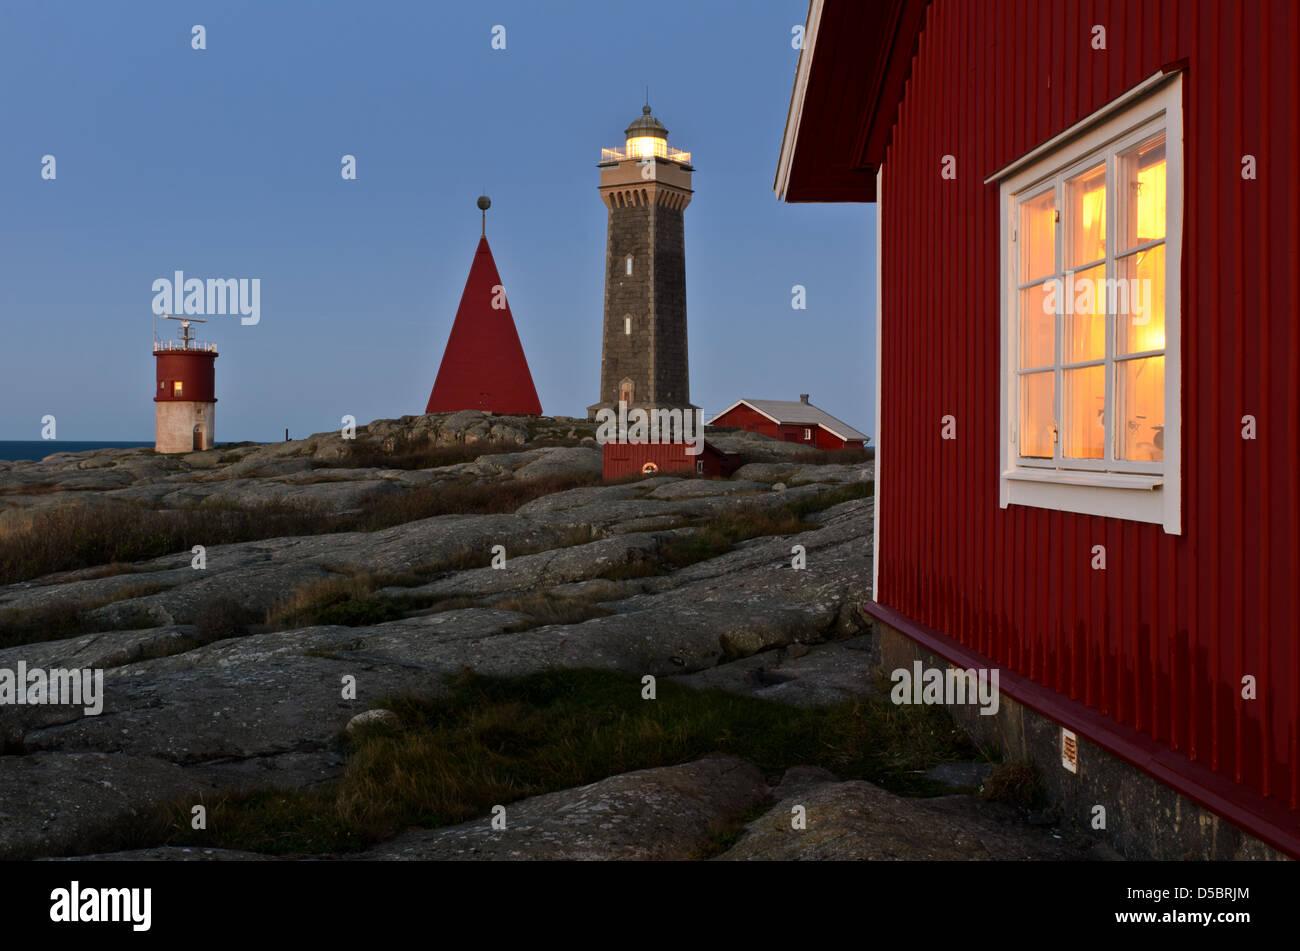 Leuchtturm und Holzbauten in Vinga, Göteborg, Schweden, Europa Stockbild